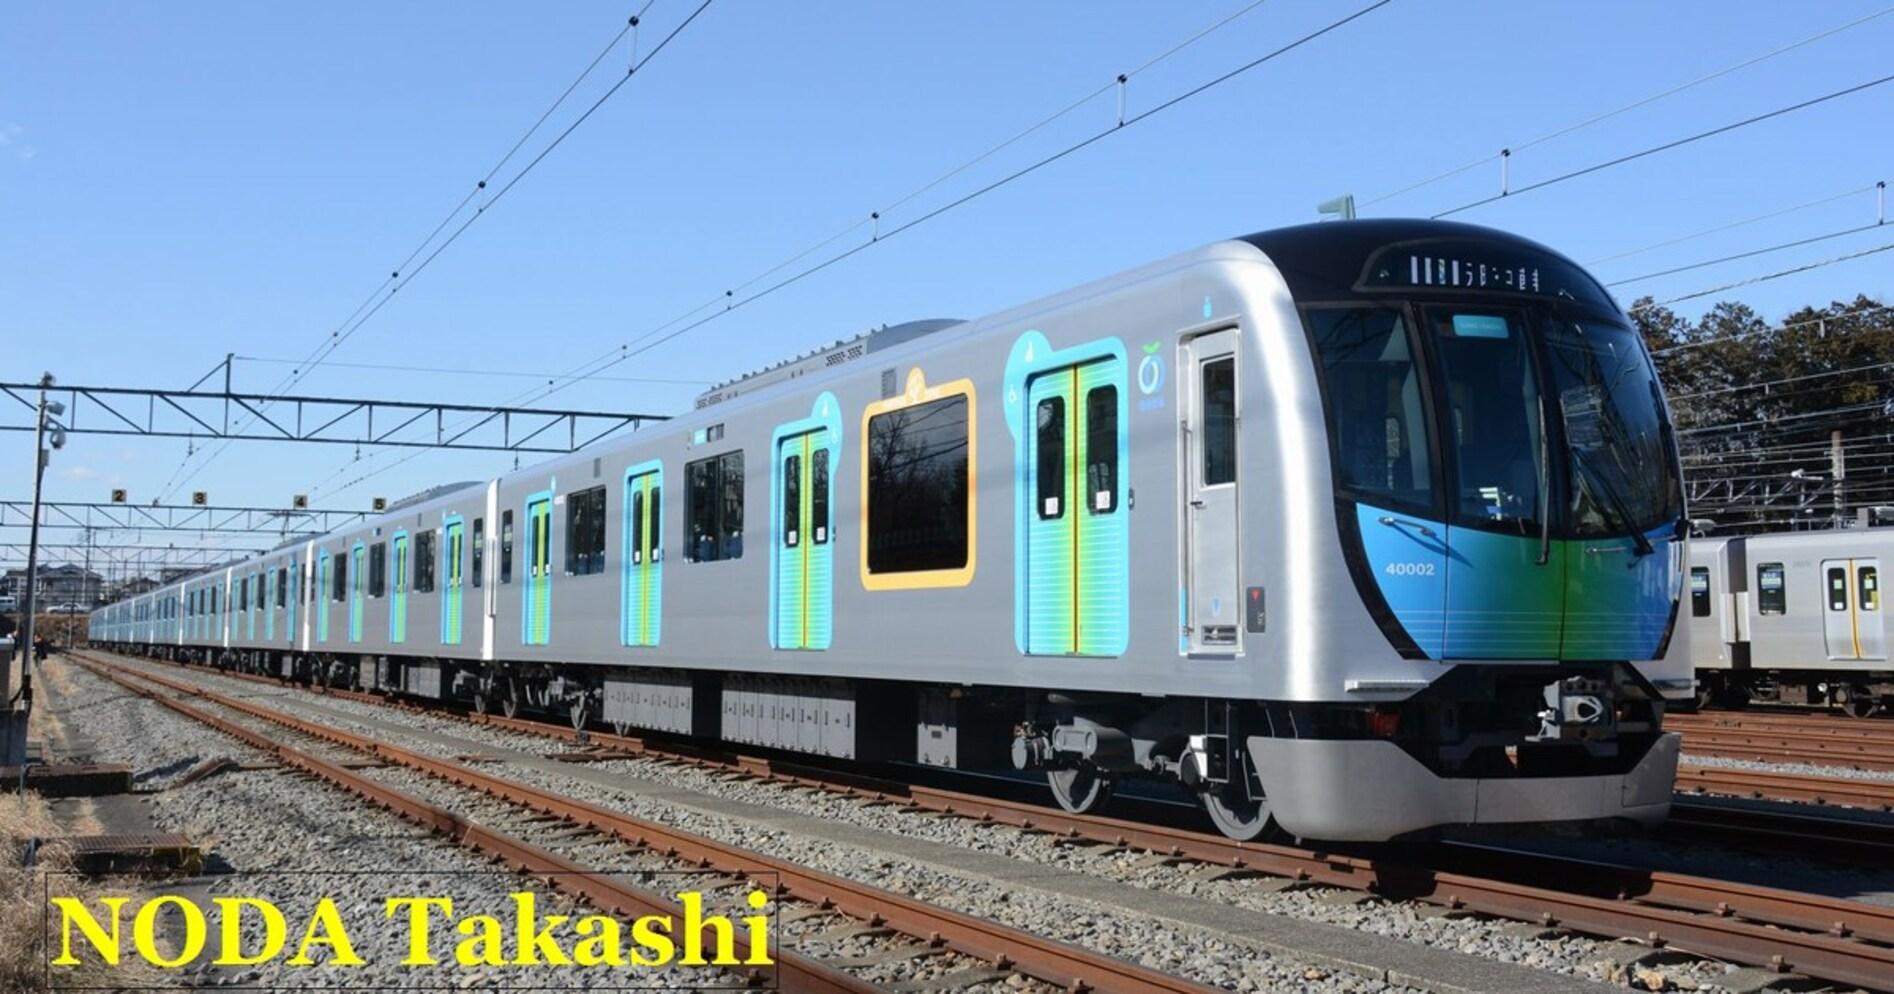 「変身する通勤電車」西武鉄道40000系は関東の私鉄にインパクトを与えるか!?